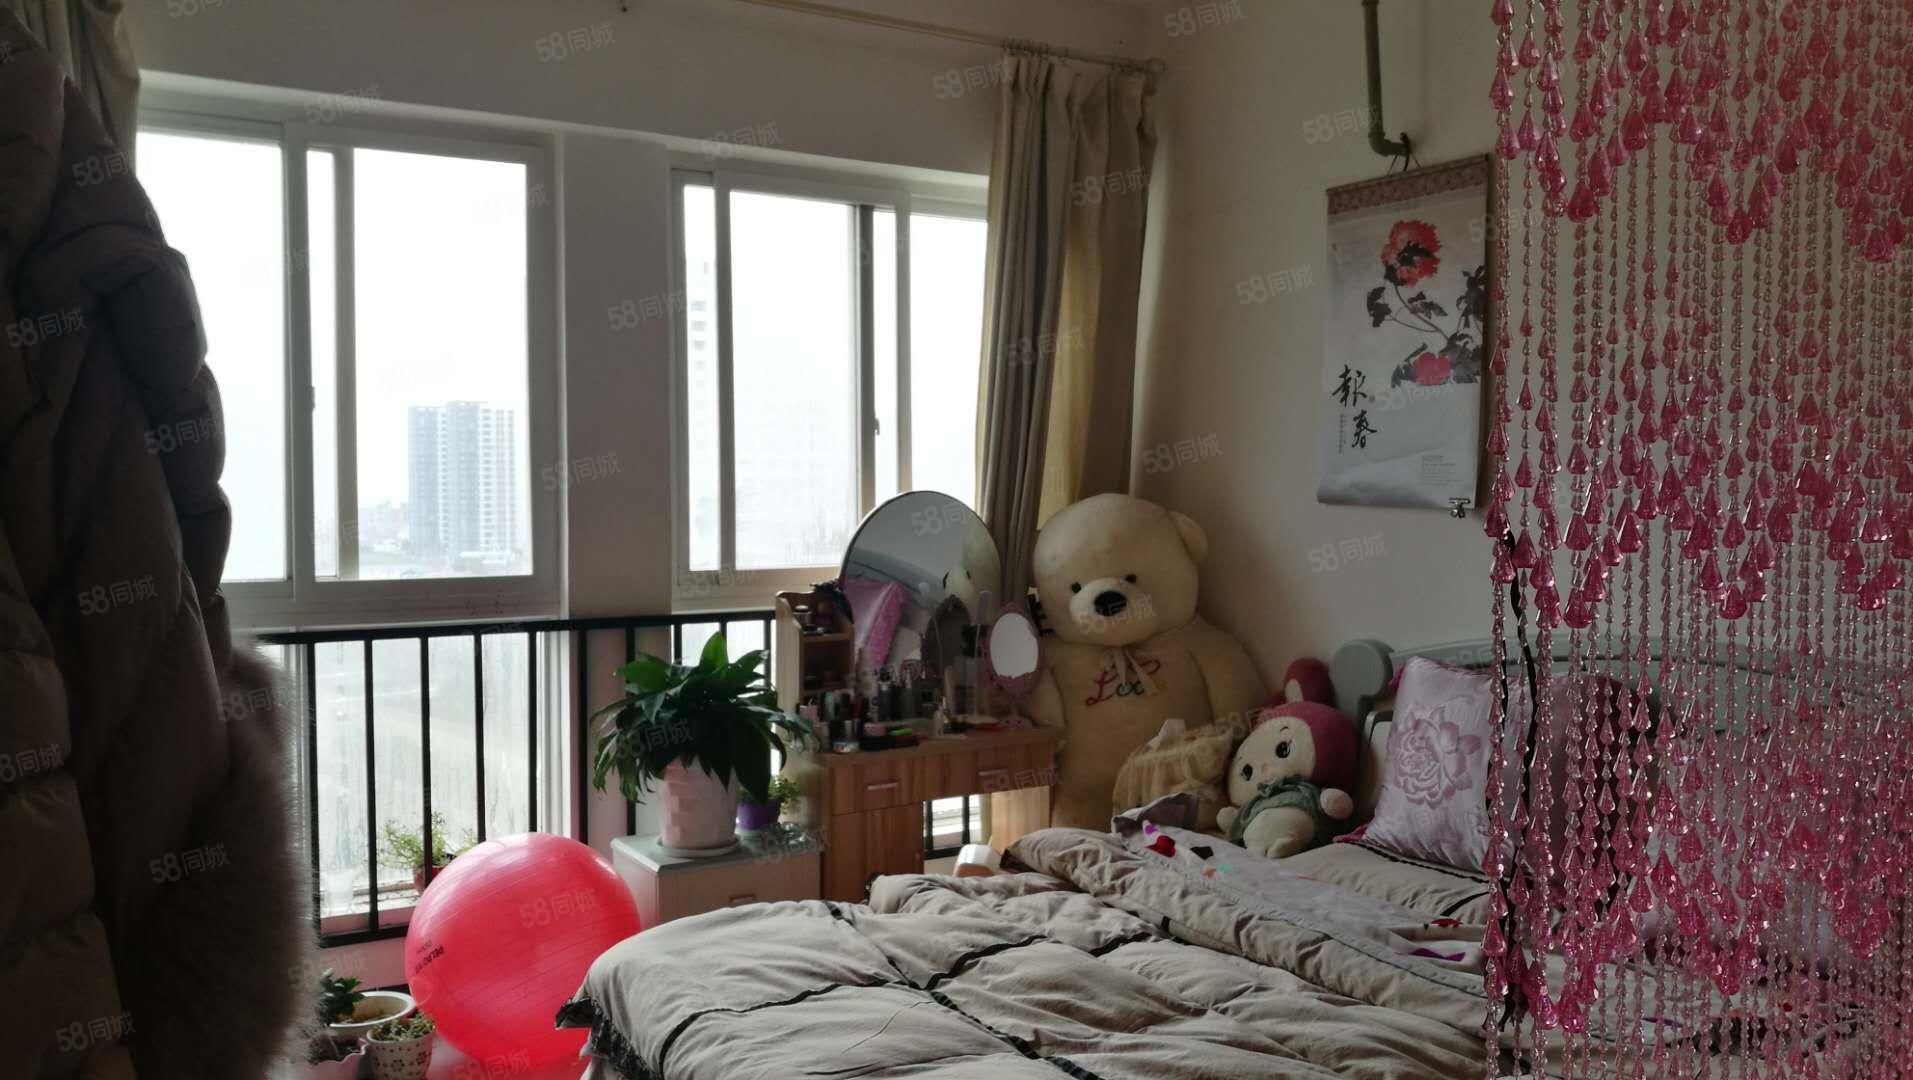 新客运站风尚国际单身公寓出售46平米18万价格面议